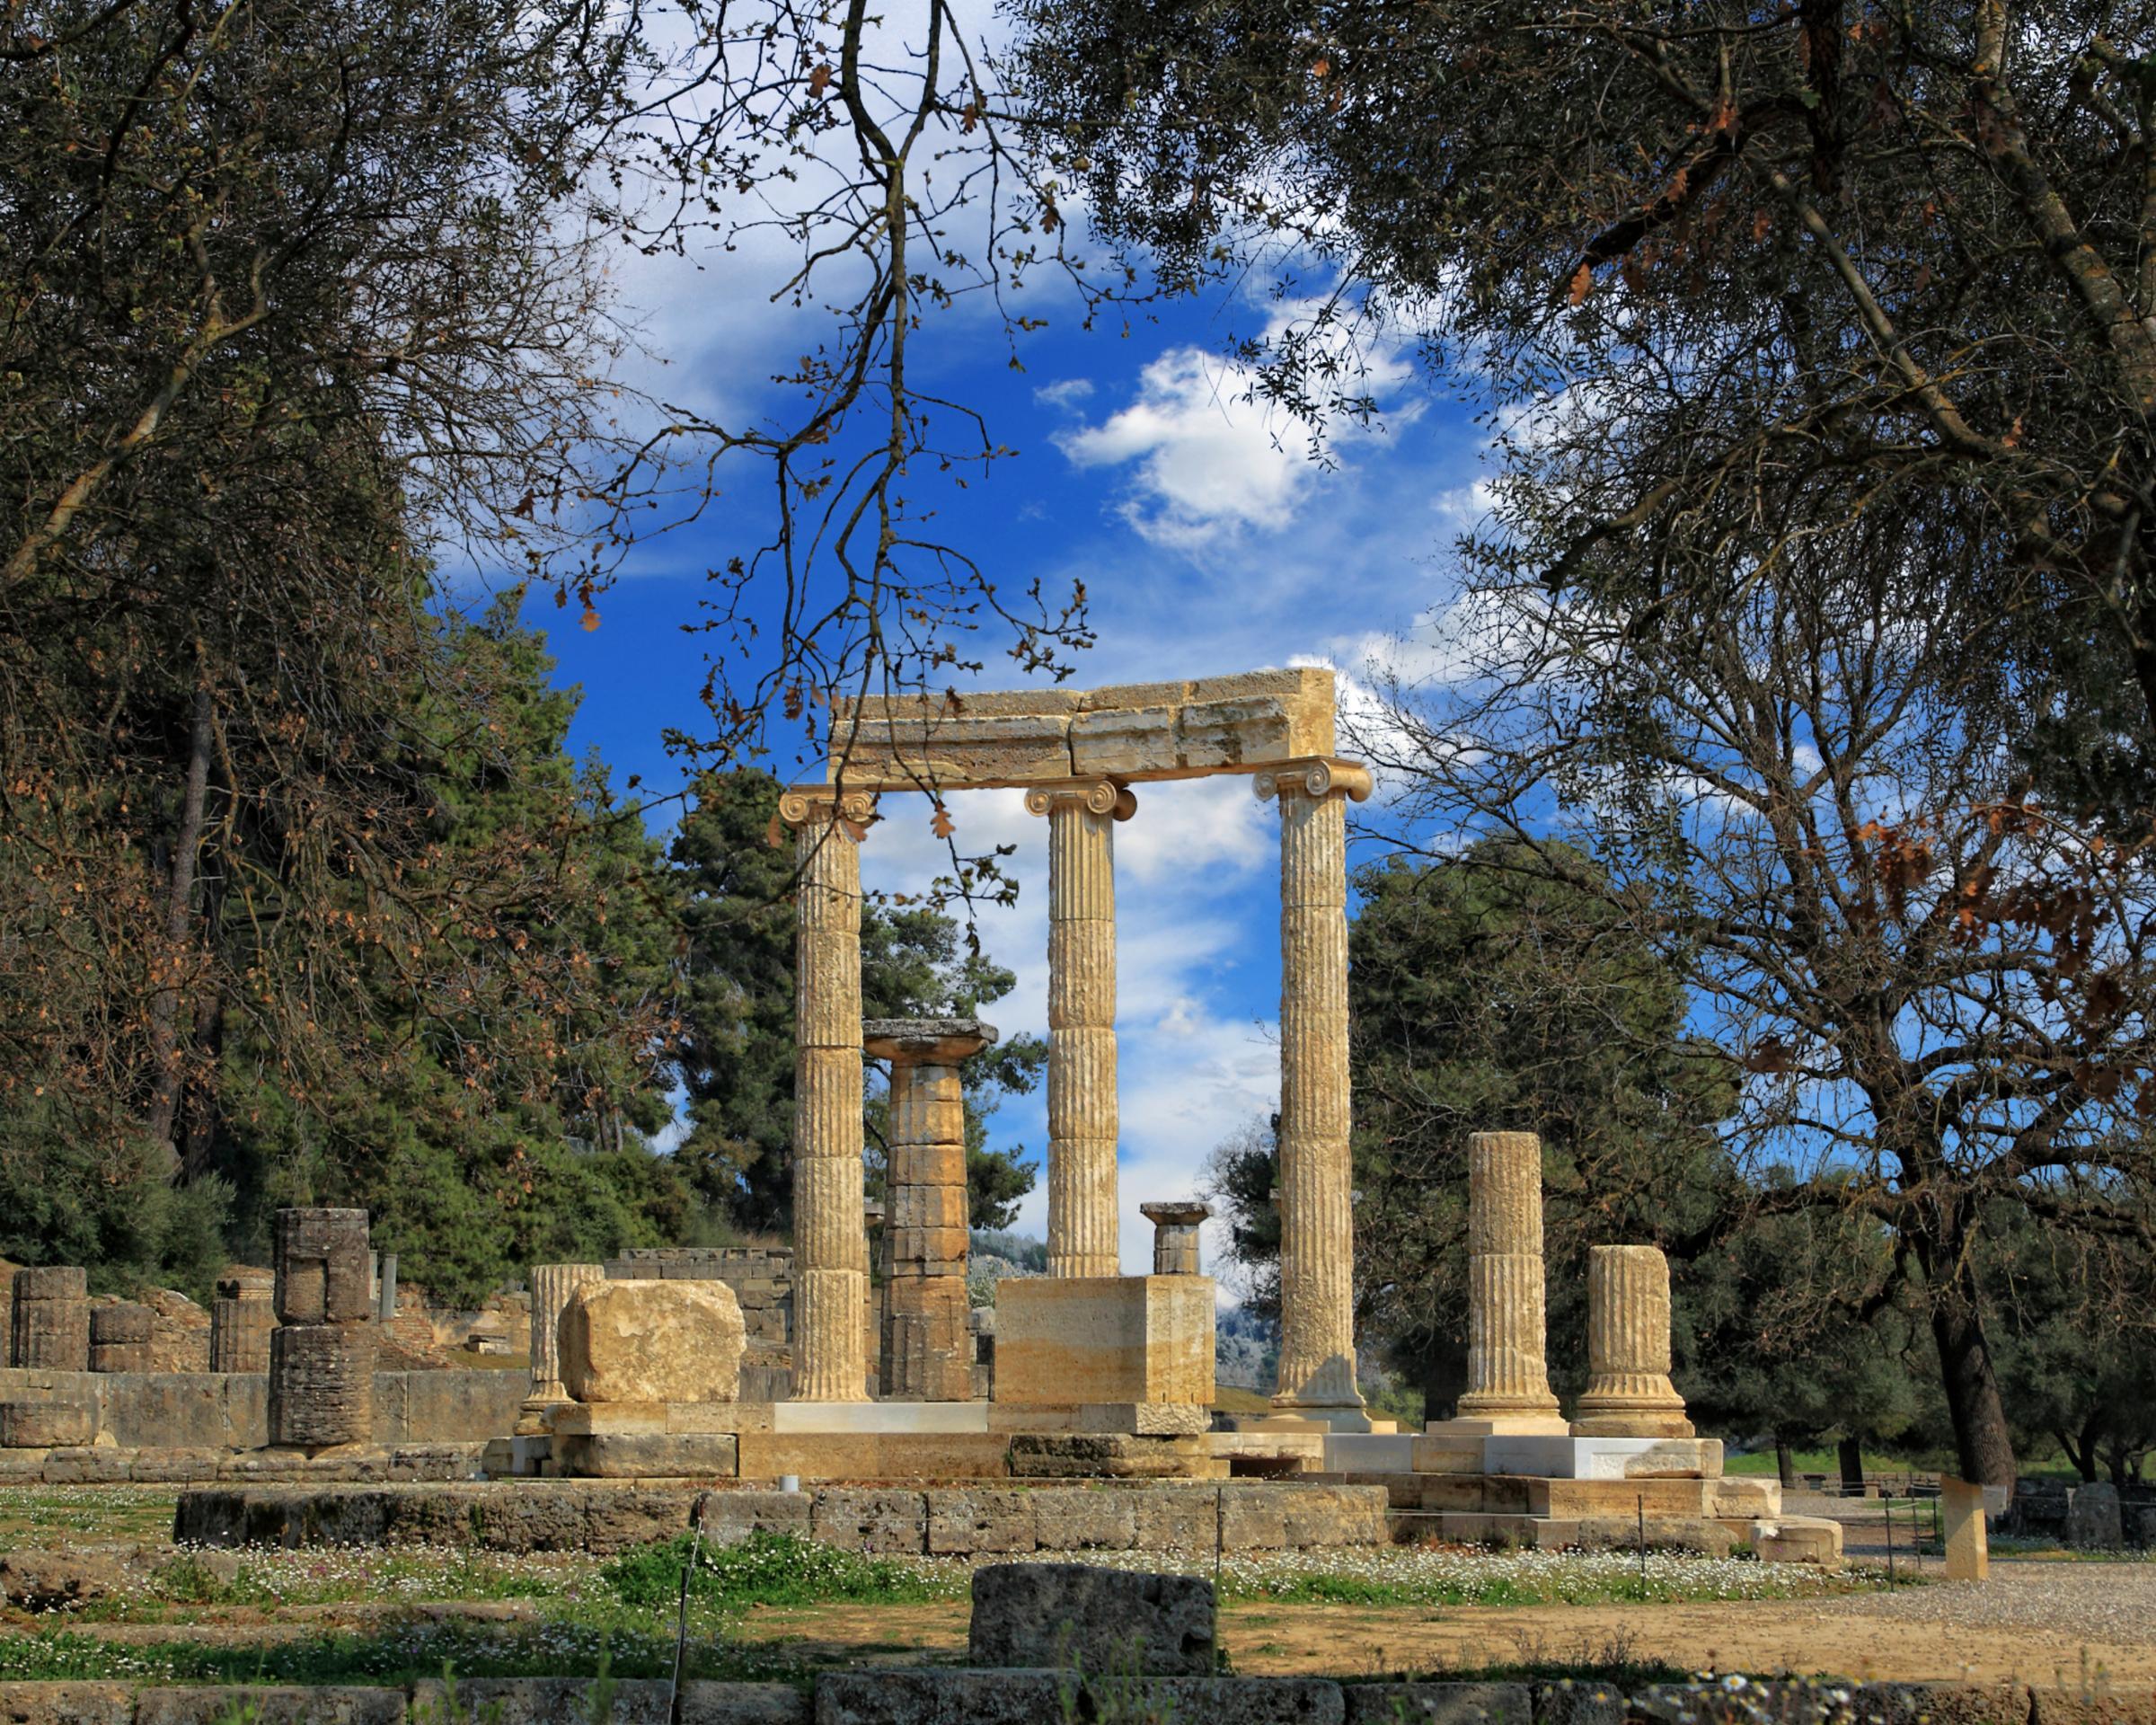 Salir de la ciudad,Excursión a Delfos,Excursión 1 día a Delfos